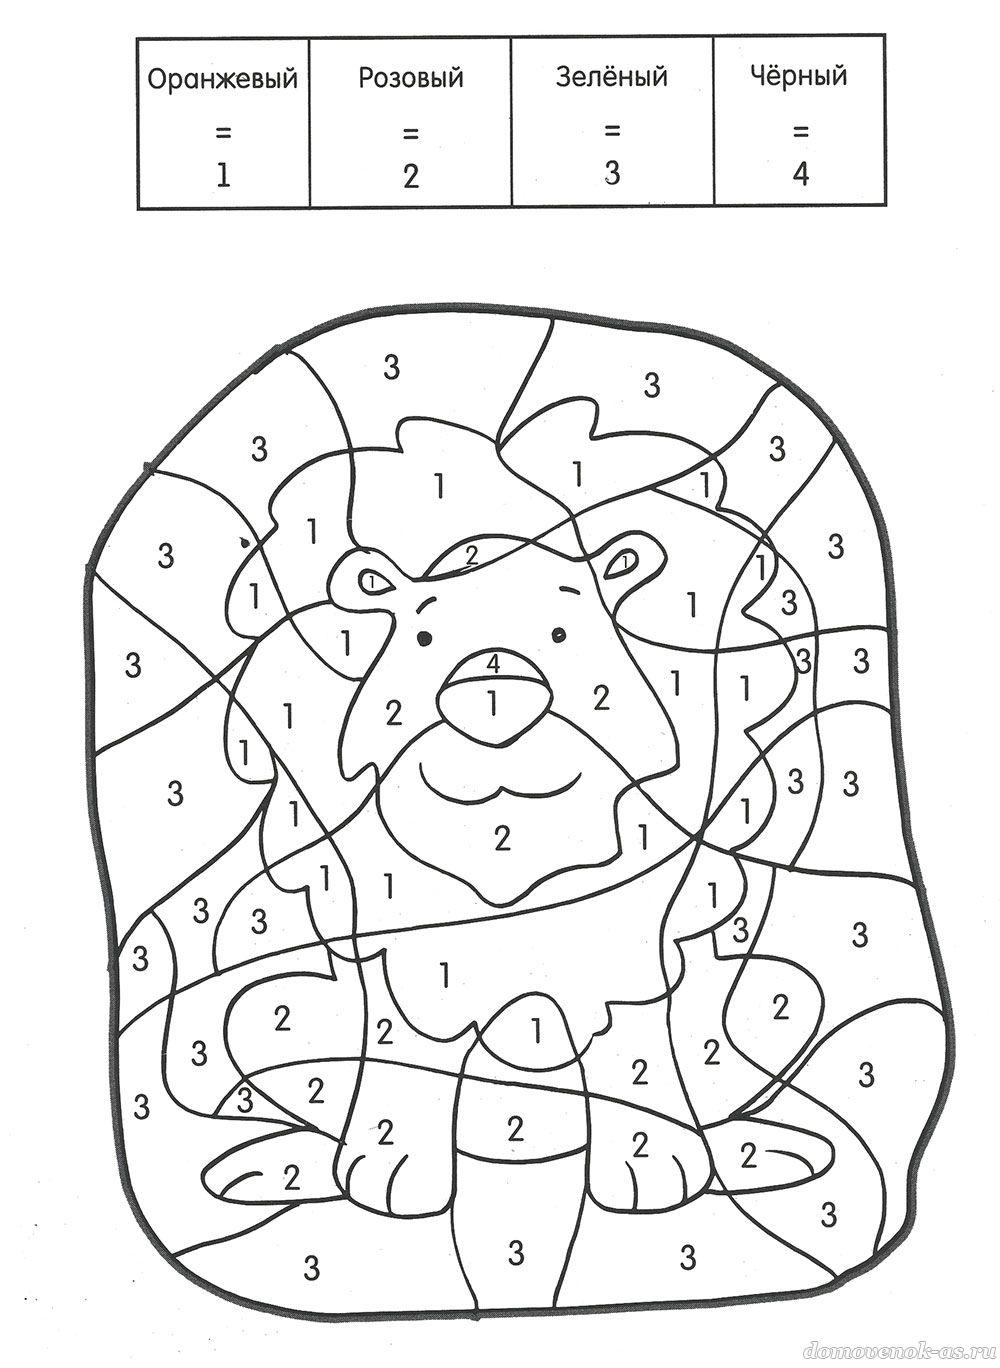 Раскраска с заданием для детей 5-7 лет